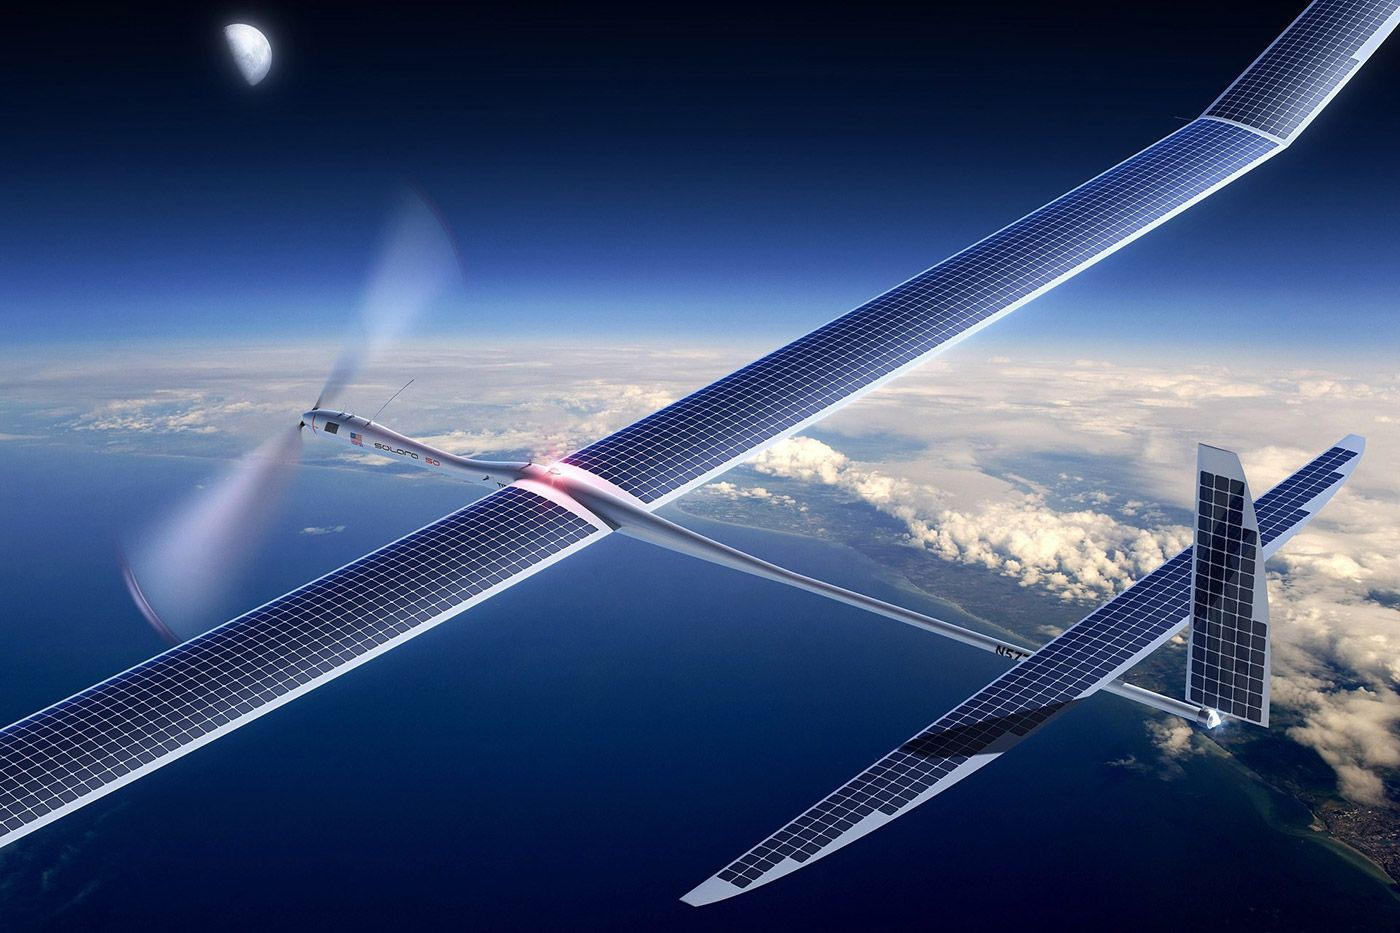 太陽光発電ドローンで5G通信、グーグルが成層圏ネットワーク計画『Project Skybender』推進